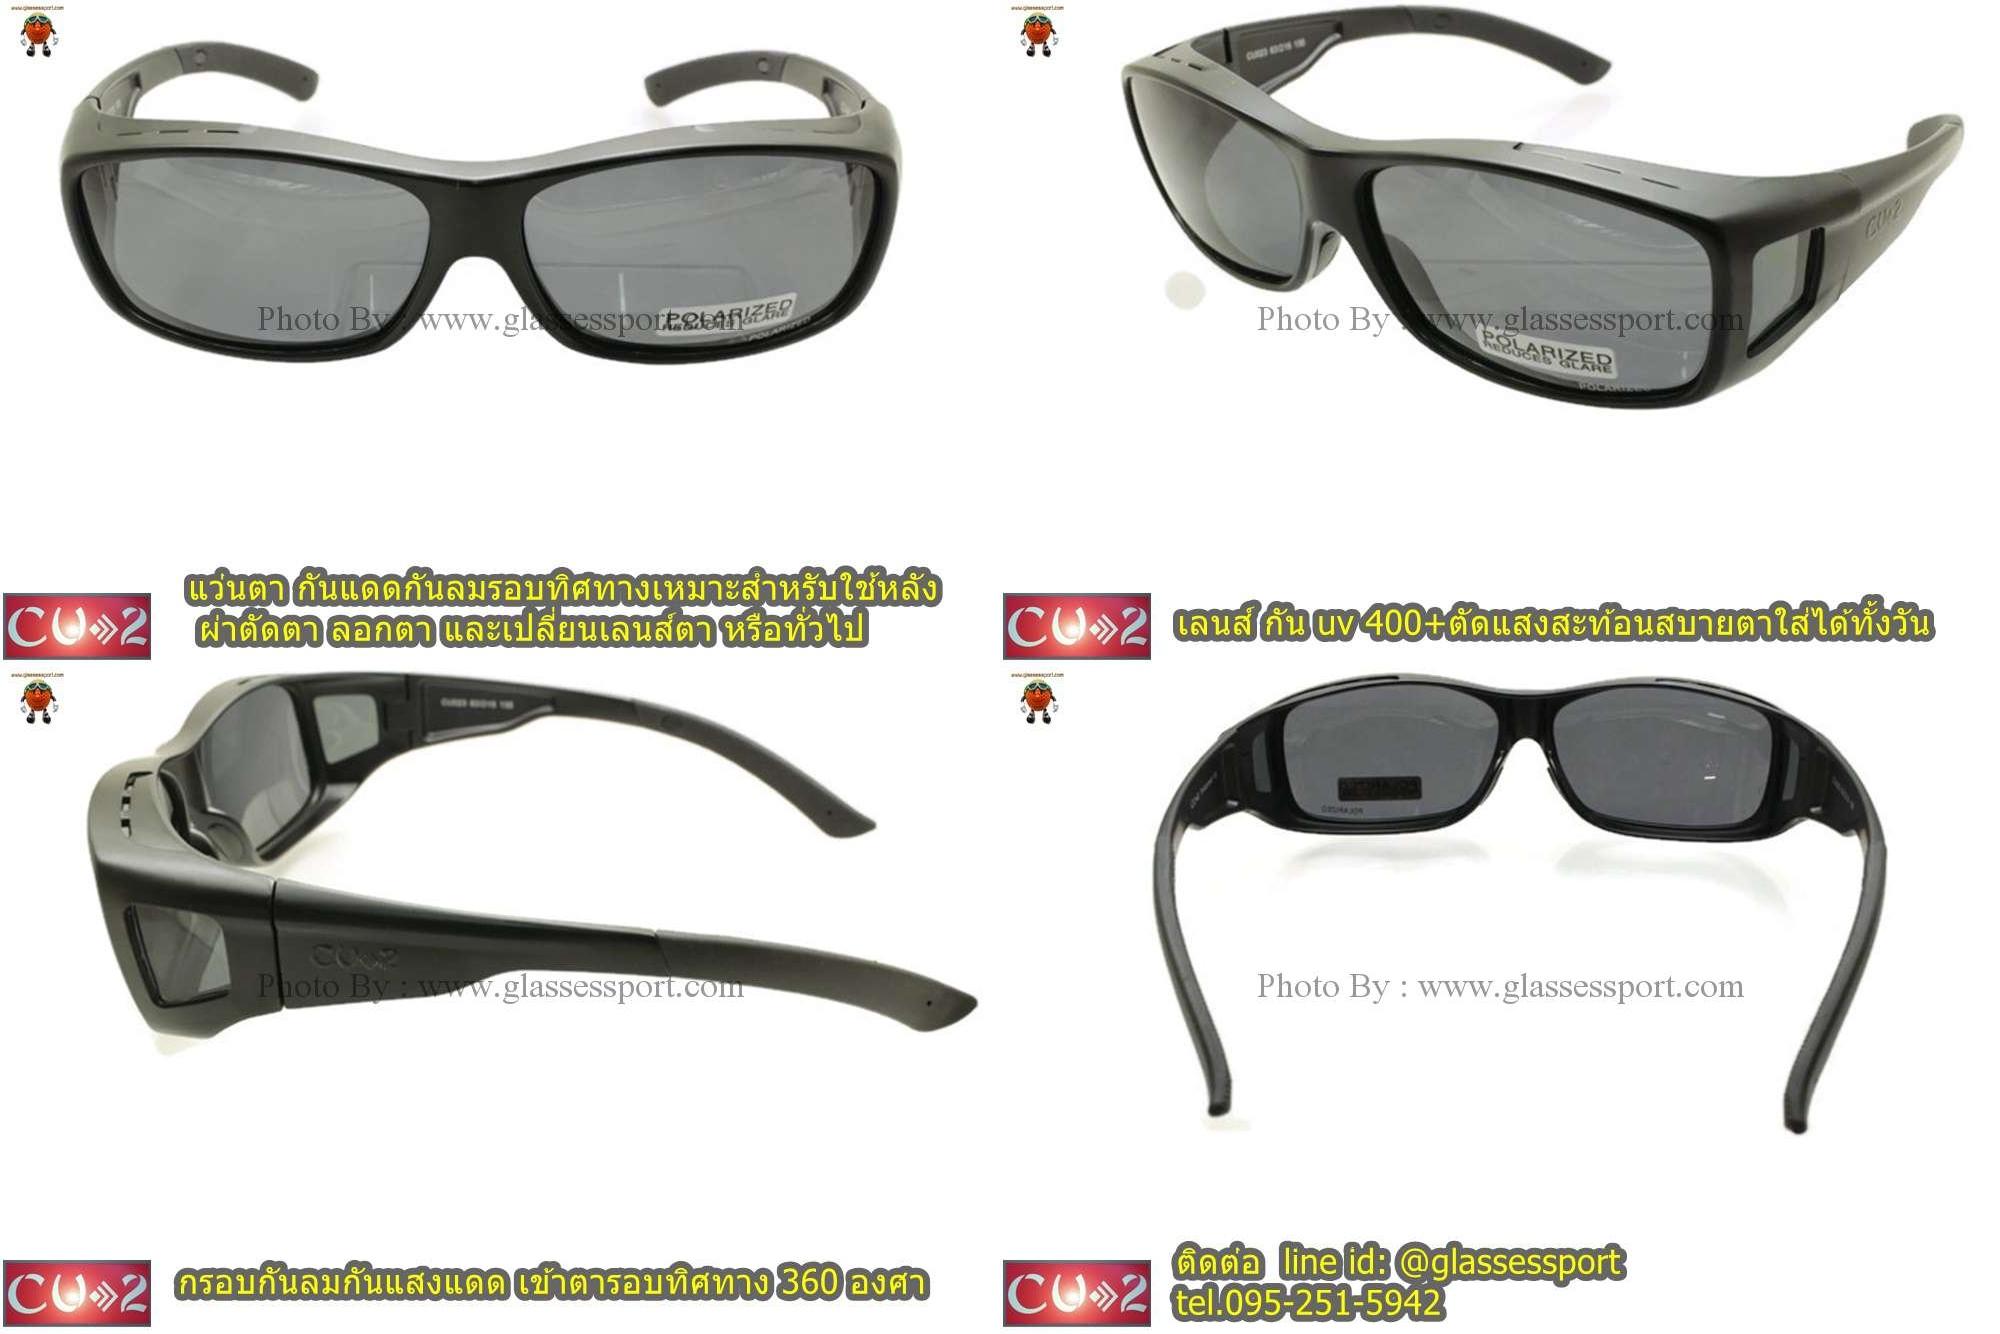 แว่นตา สำหรับ ลอกตามา ผ่าตัดตามา โดยเฉพาะ